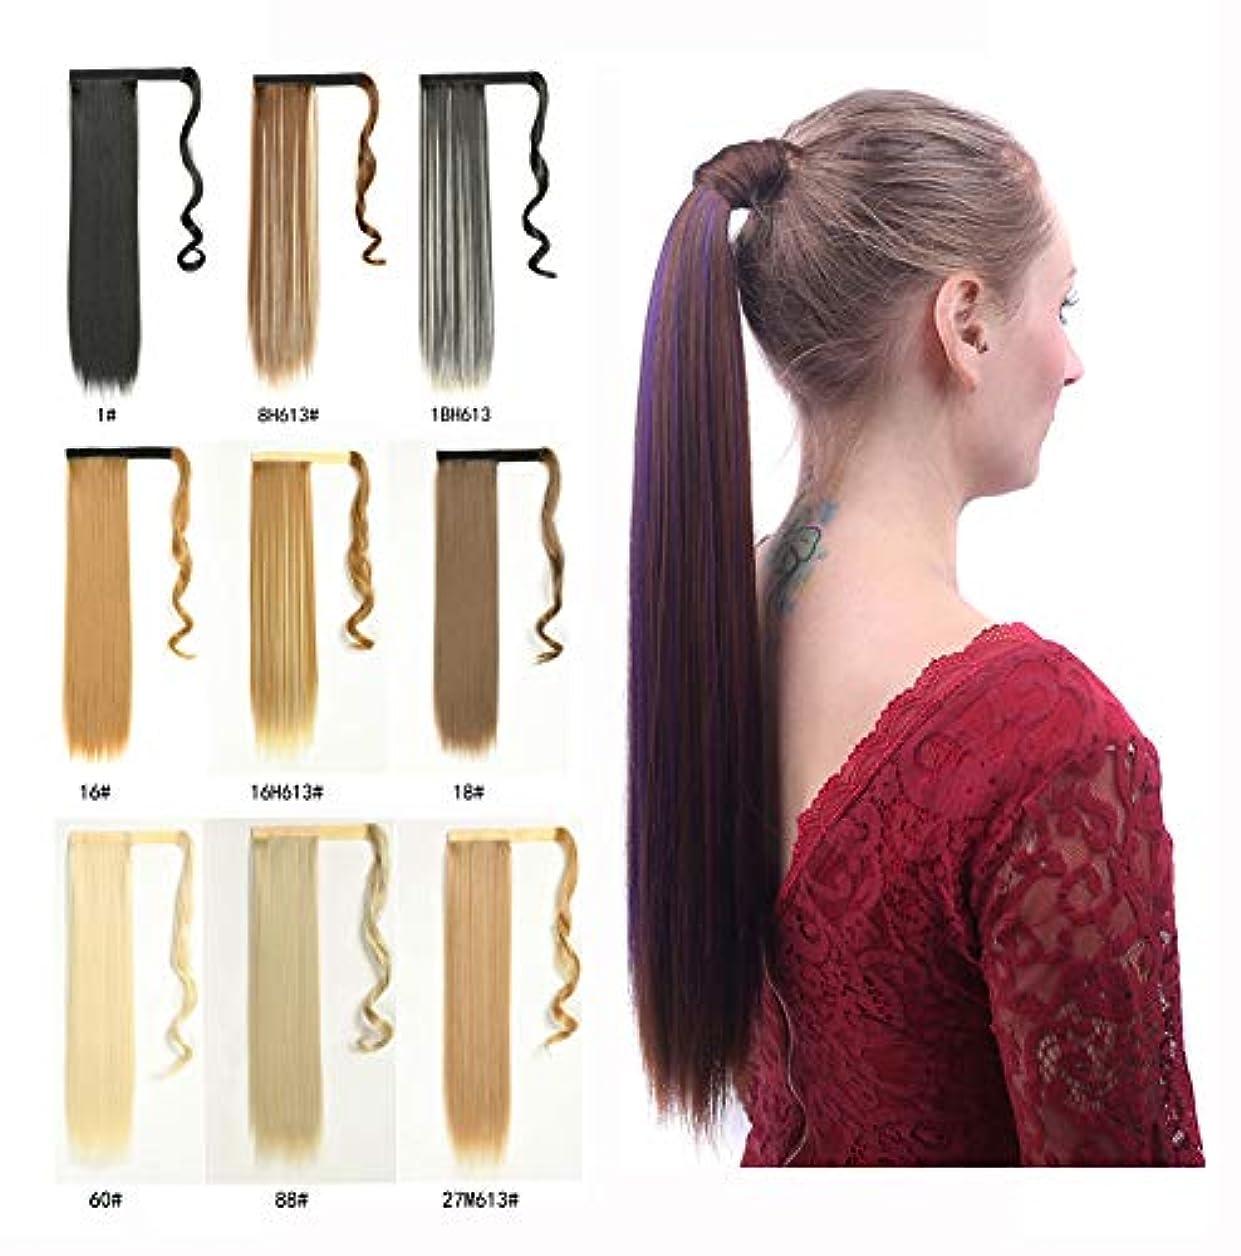 条約キウイガイダンスポニーテールエクステンションの合成クリップをラップします、滑らかで耐熱性の長いストレートヘアピース、異なる色